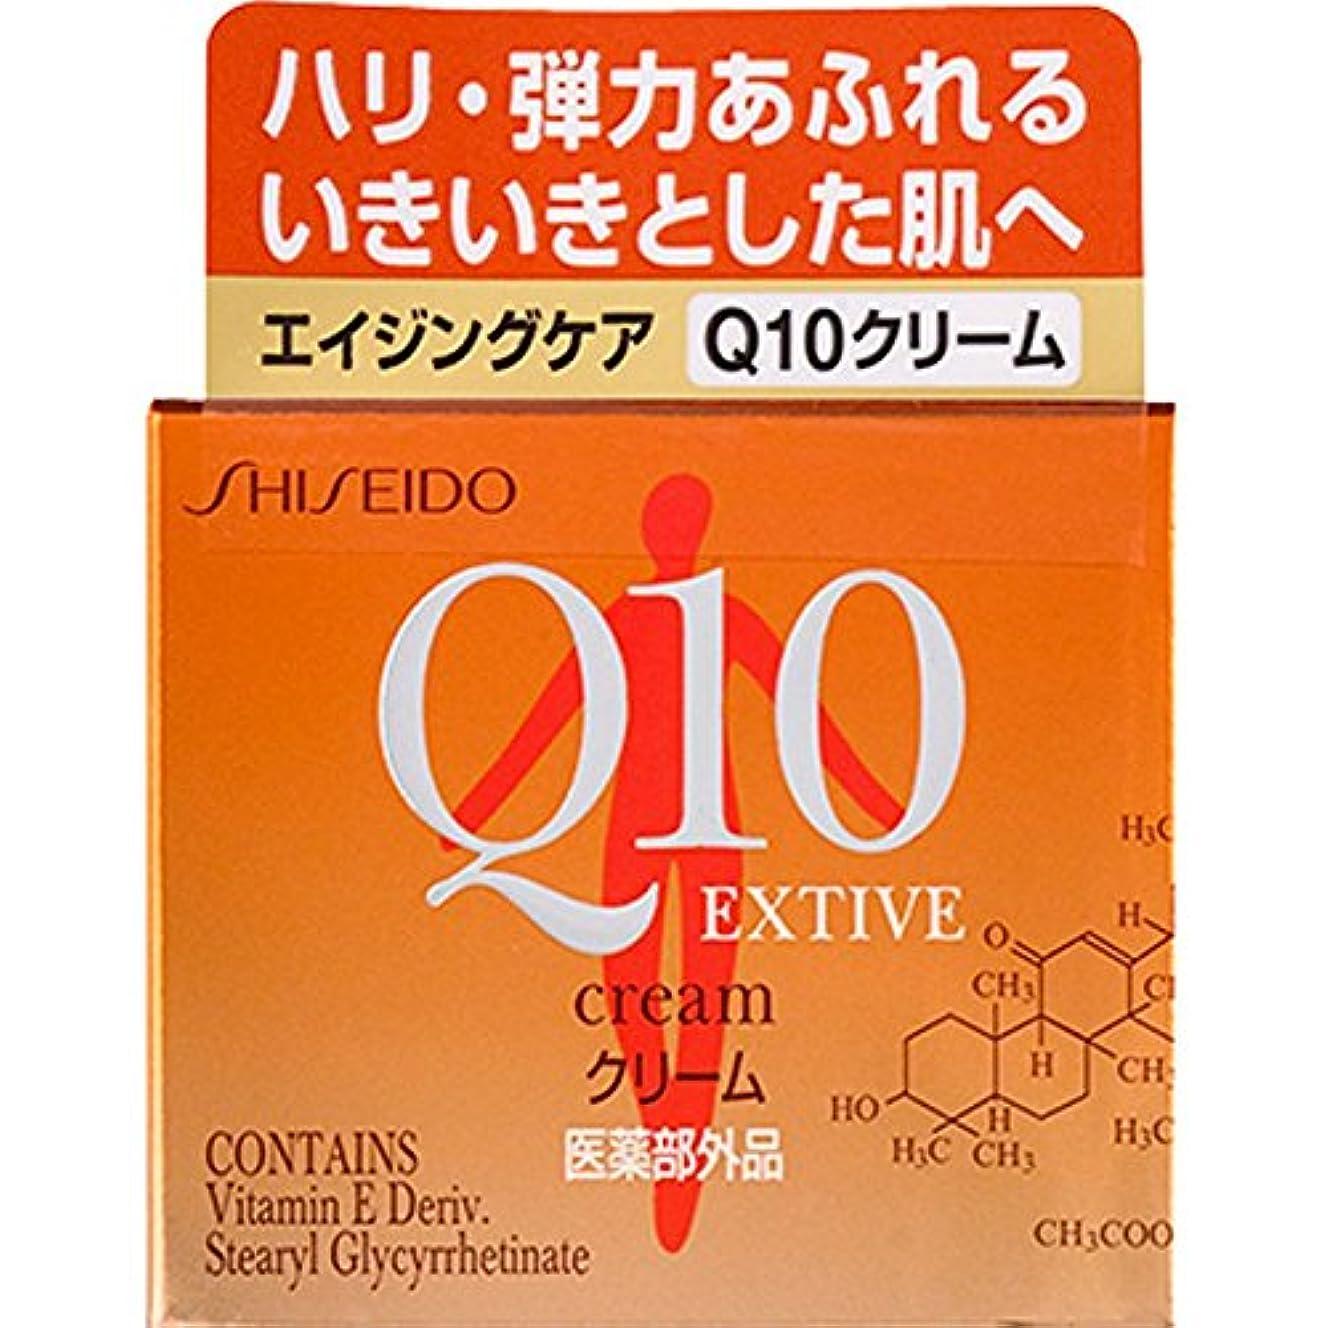 シビック弾力性のあるサミット資生堂薬品 Q10 エクティブ クリームN 30g